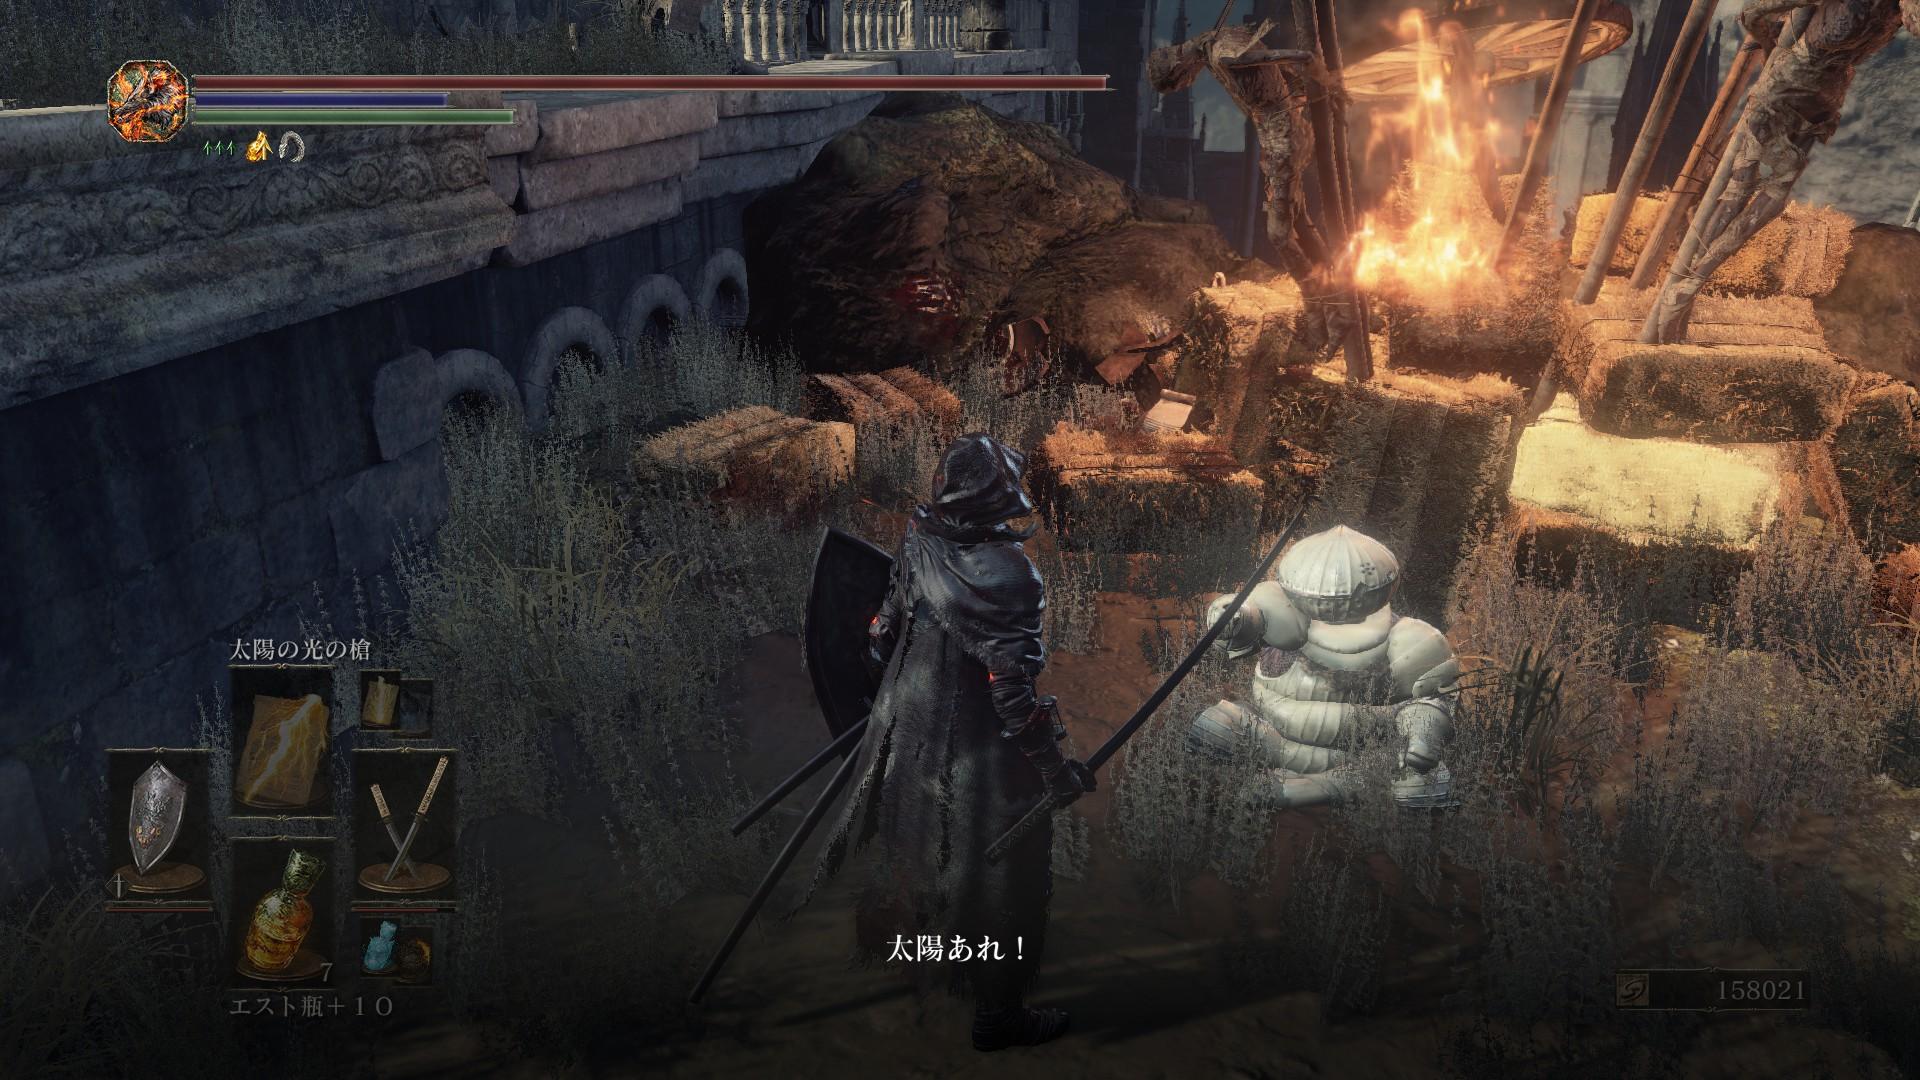 [ゲーム]闇の魂さん3